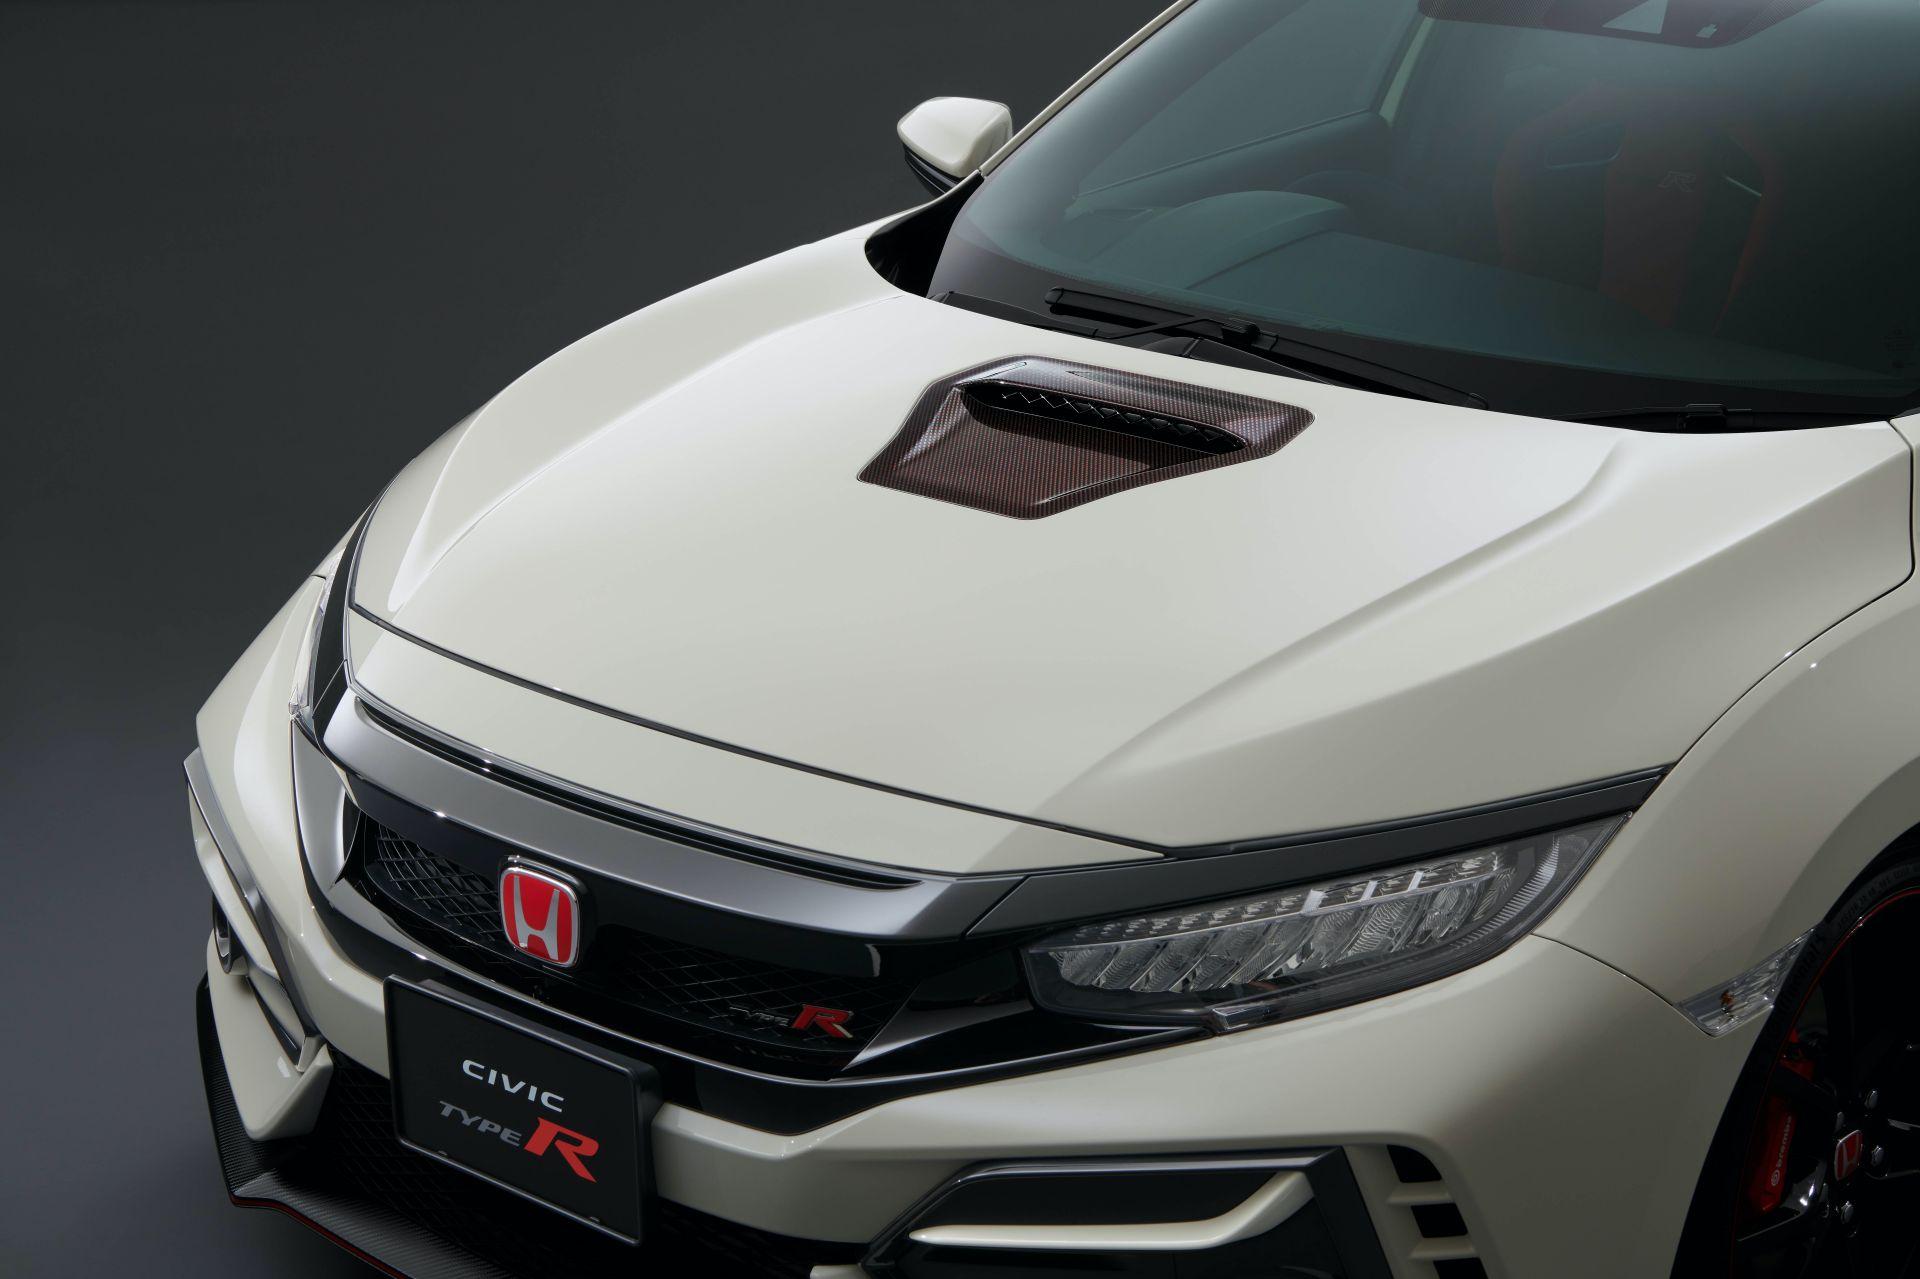 2021_Honda_Civic_Type_R_Modulo_0004